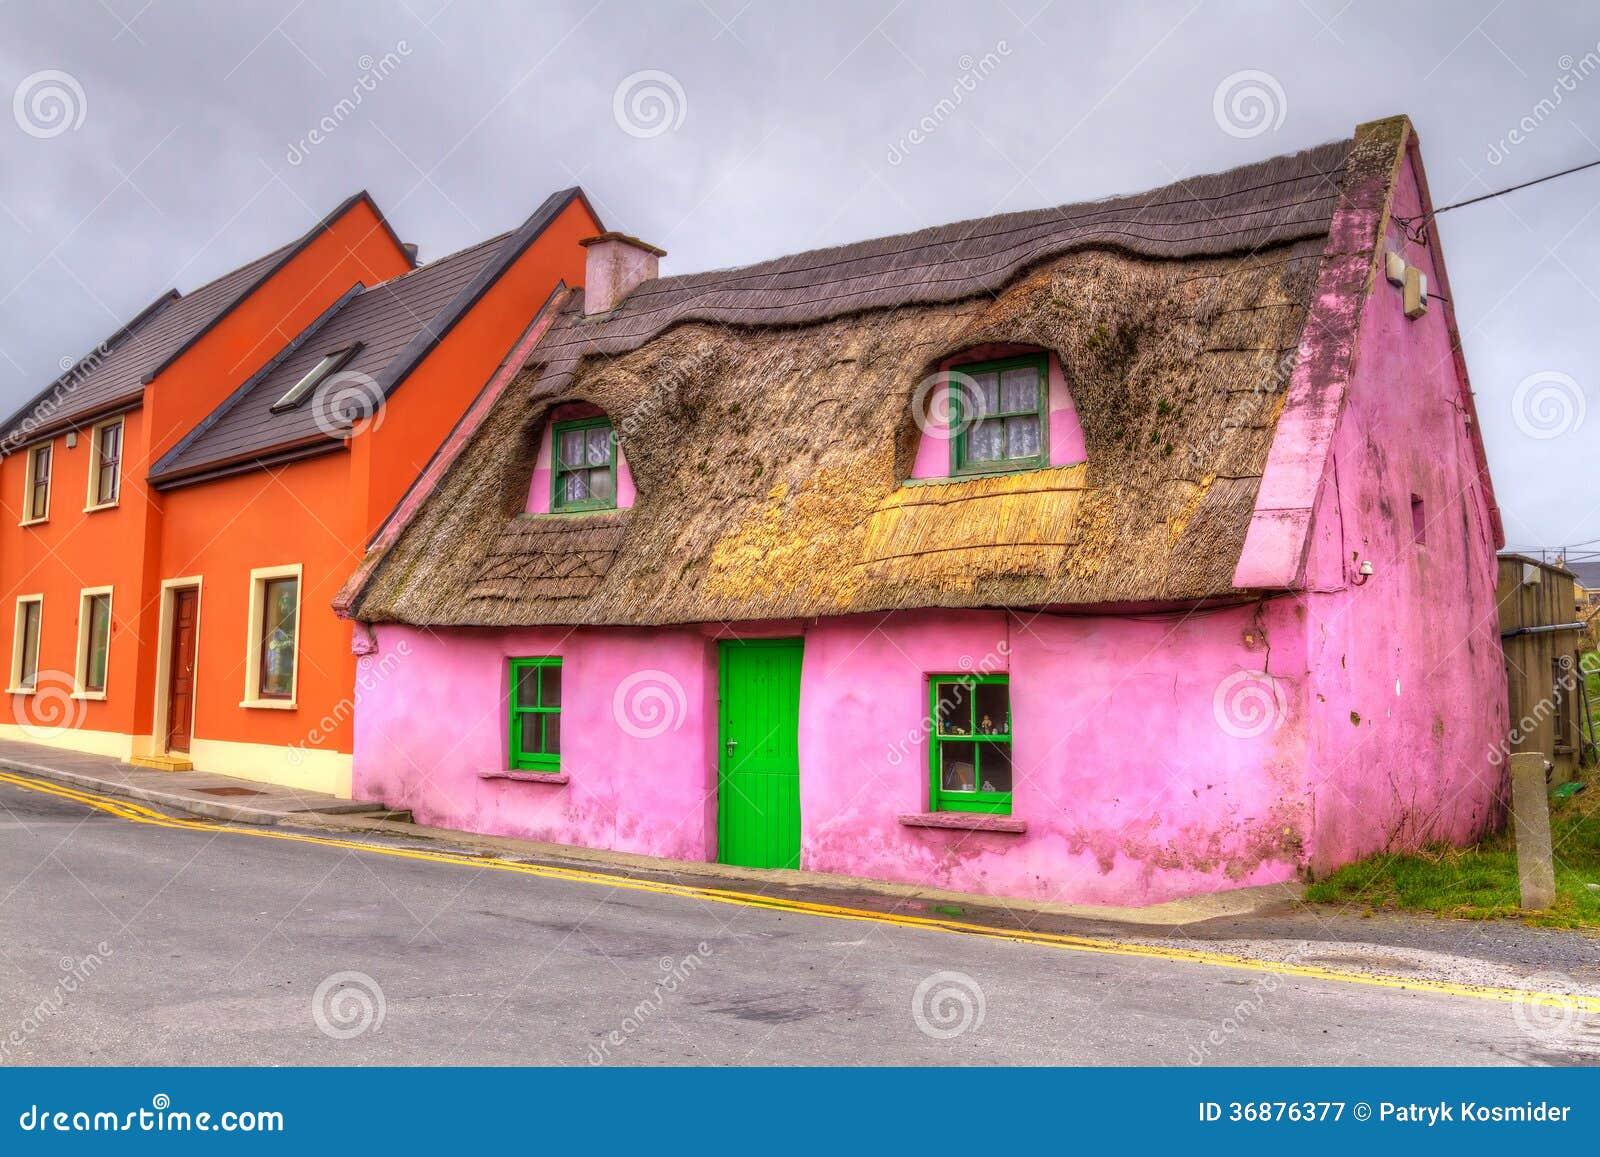 maison de cottage en irlande image stock image 36876377. Black Bedroom Furniture Sets. Home Design Ideas